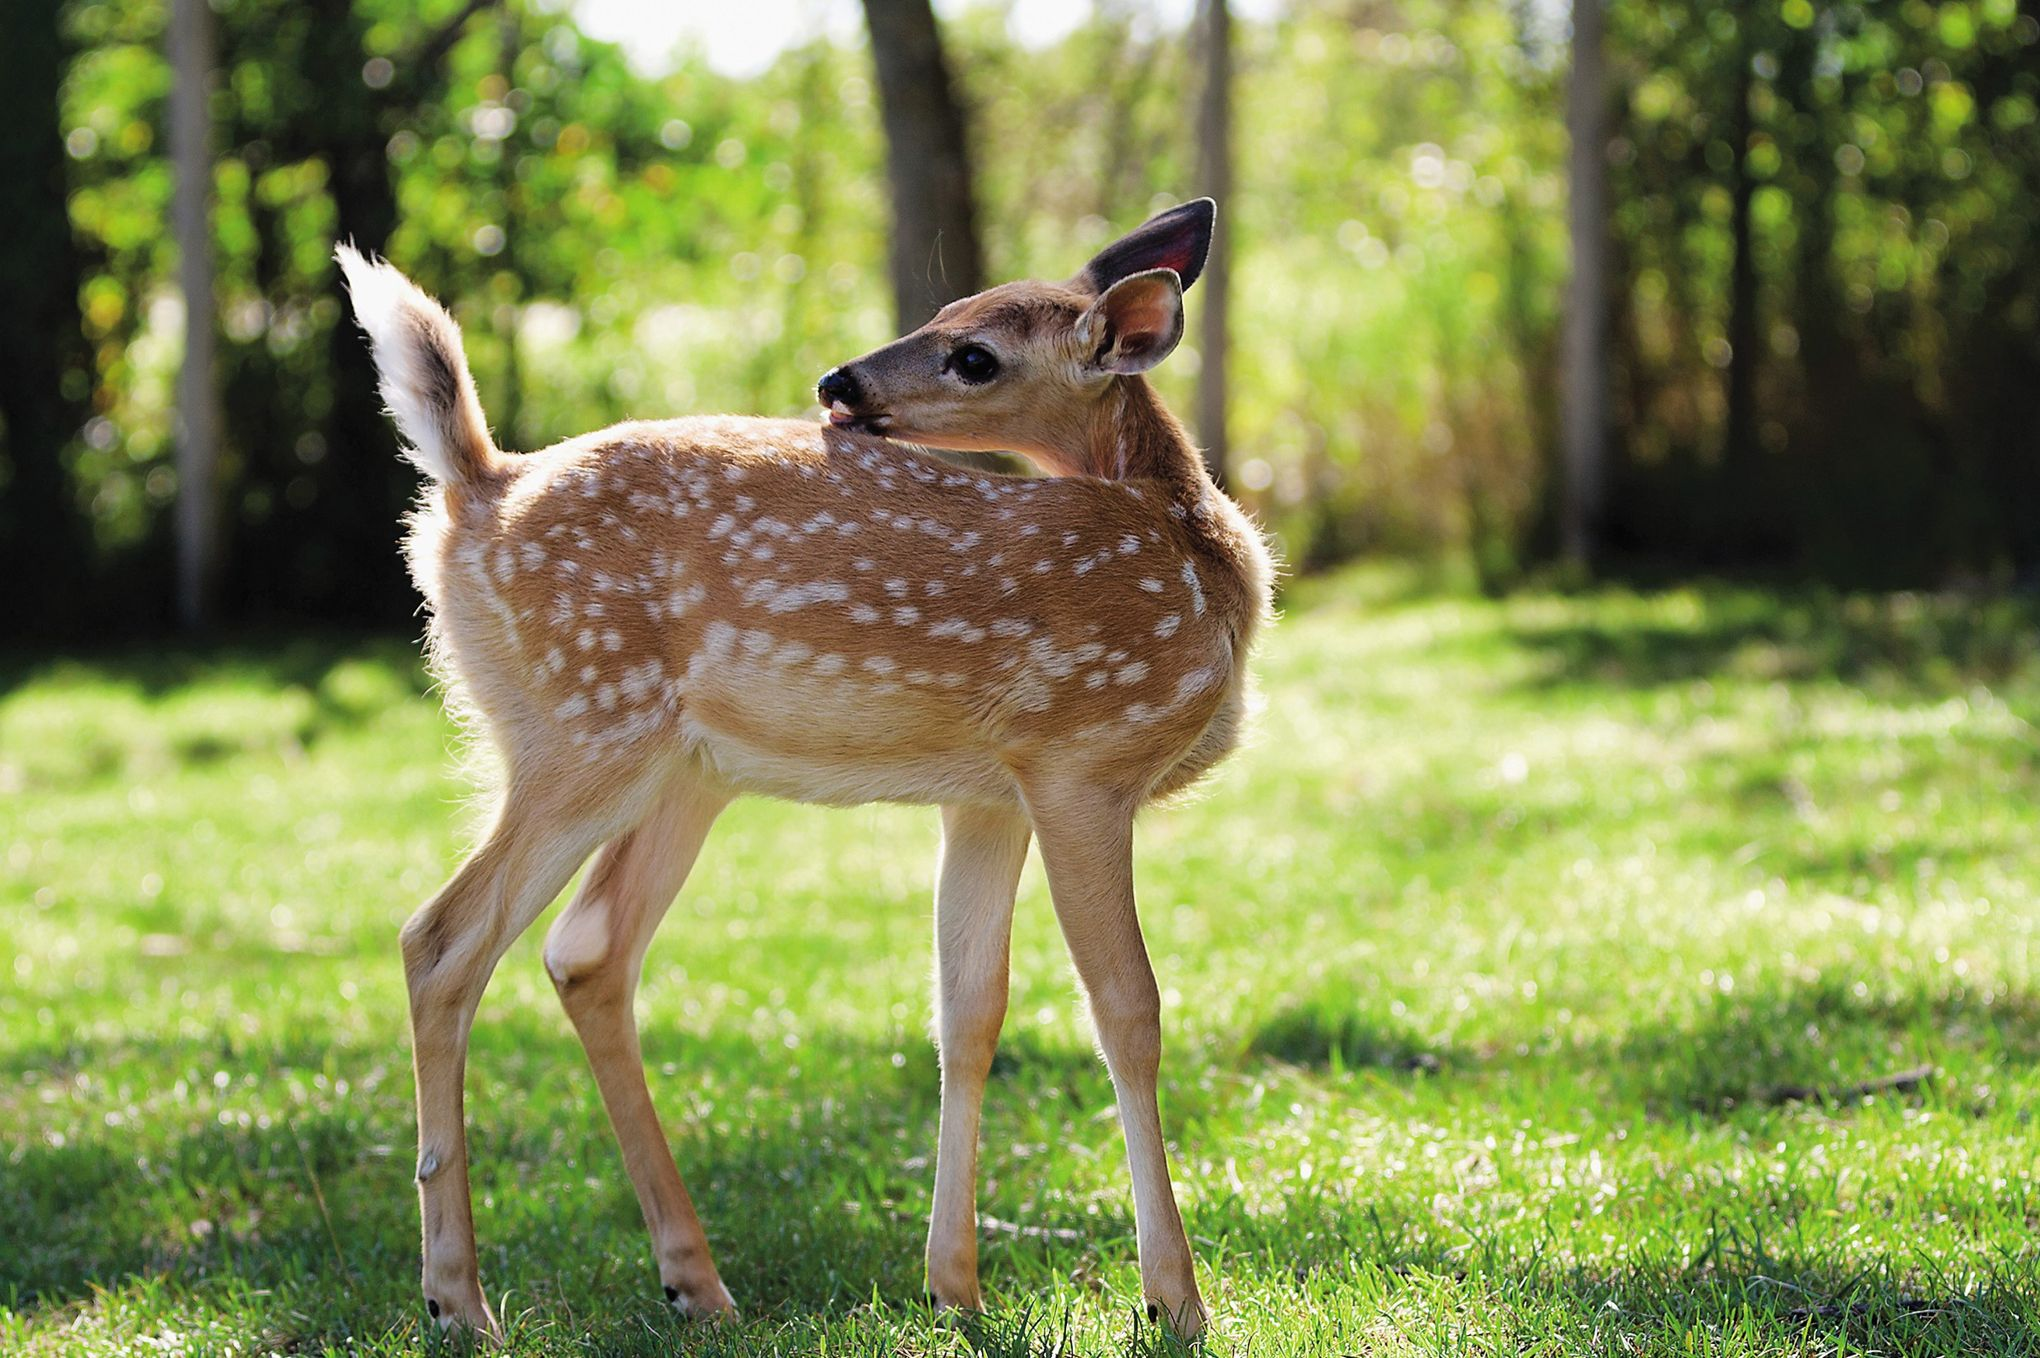 Le Domaine du Bois aux daims, au c u0153ur de la nature pour c u00f4toyer les animaux # Adresse Bois Aux Daims